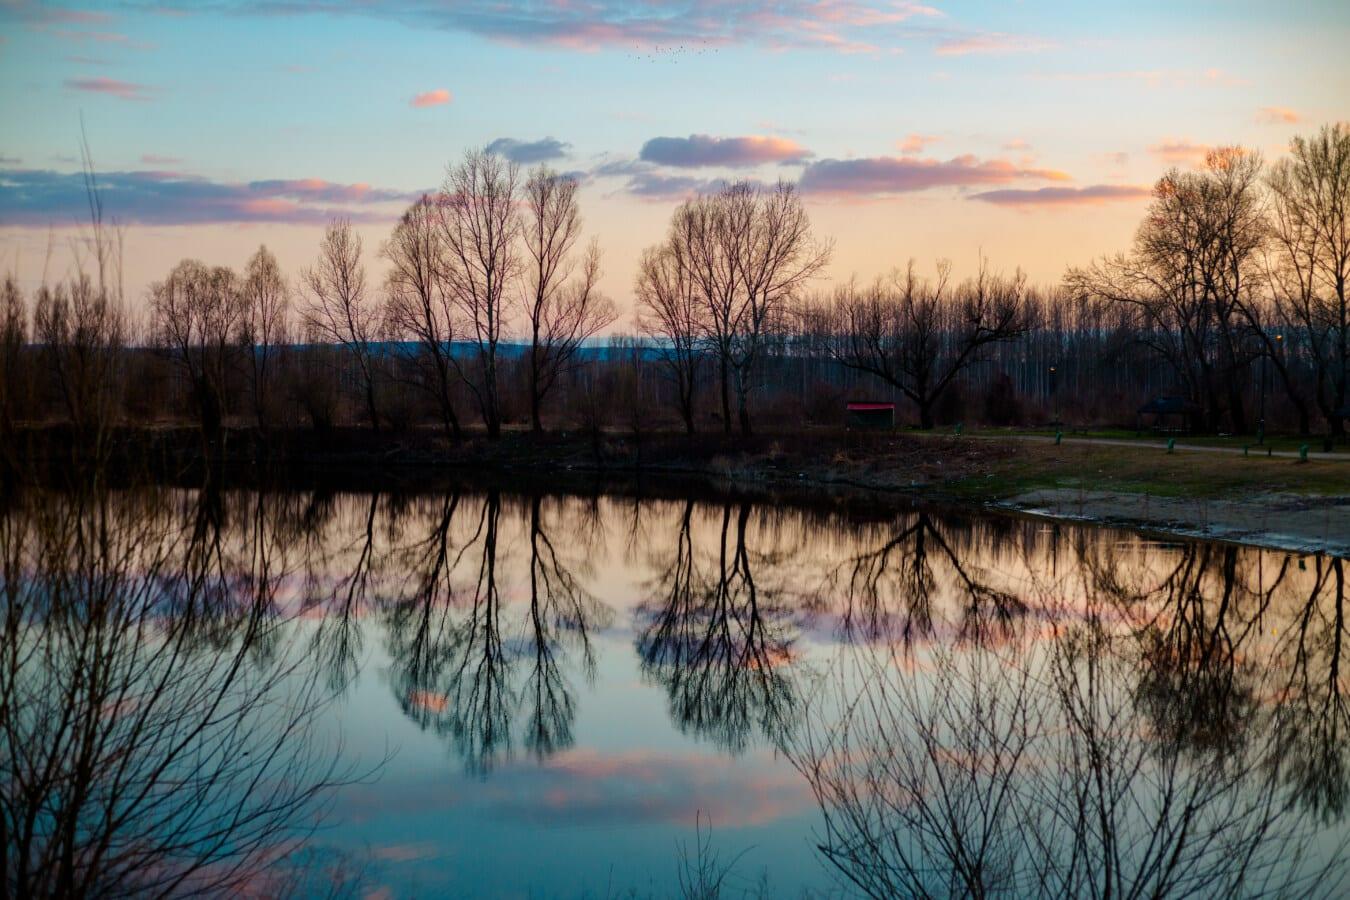 majestueux, crépuscule, au bord du lac, nature sauvage, eau, Lac, paysage, atmosphère, aube, réflexion